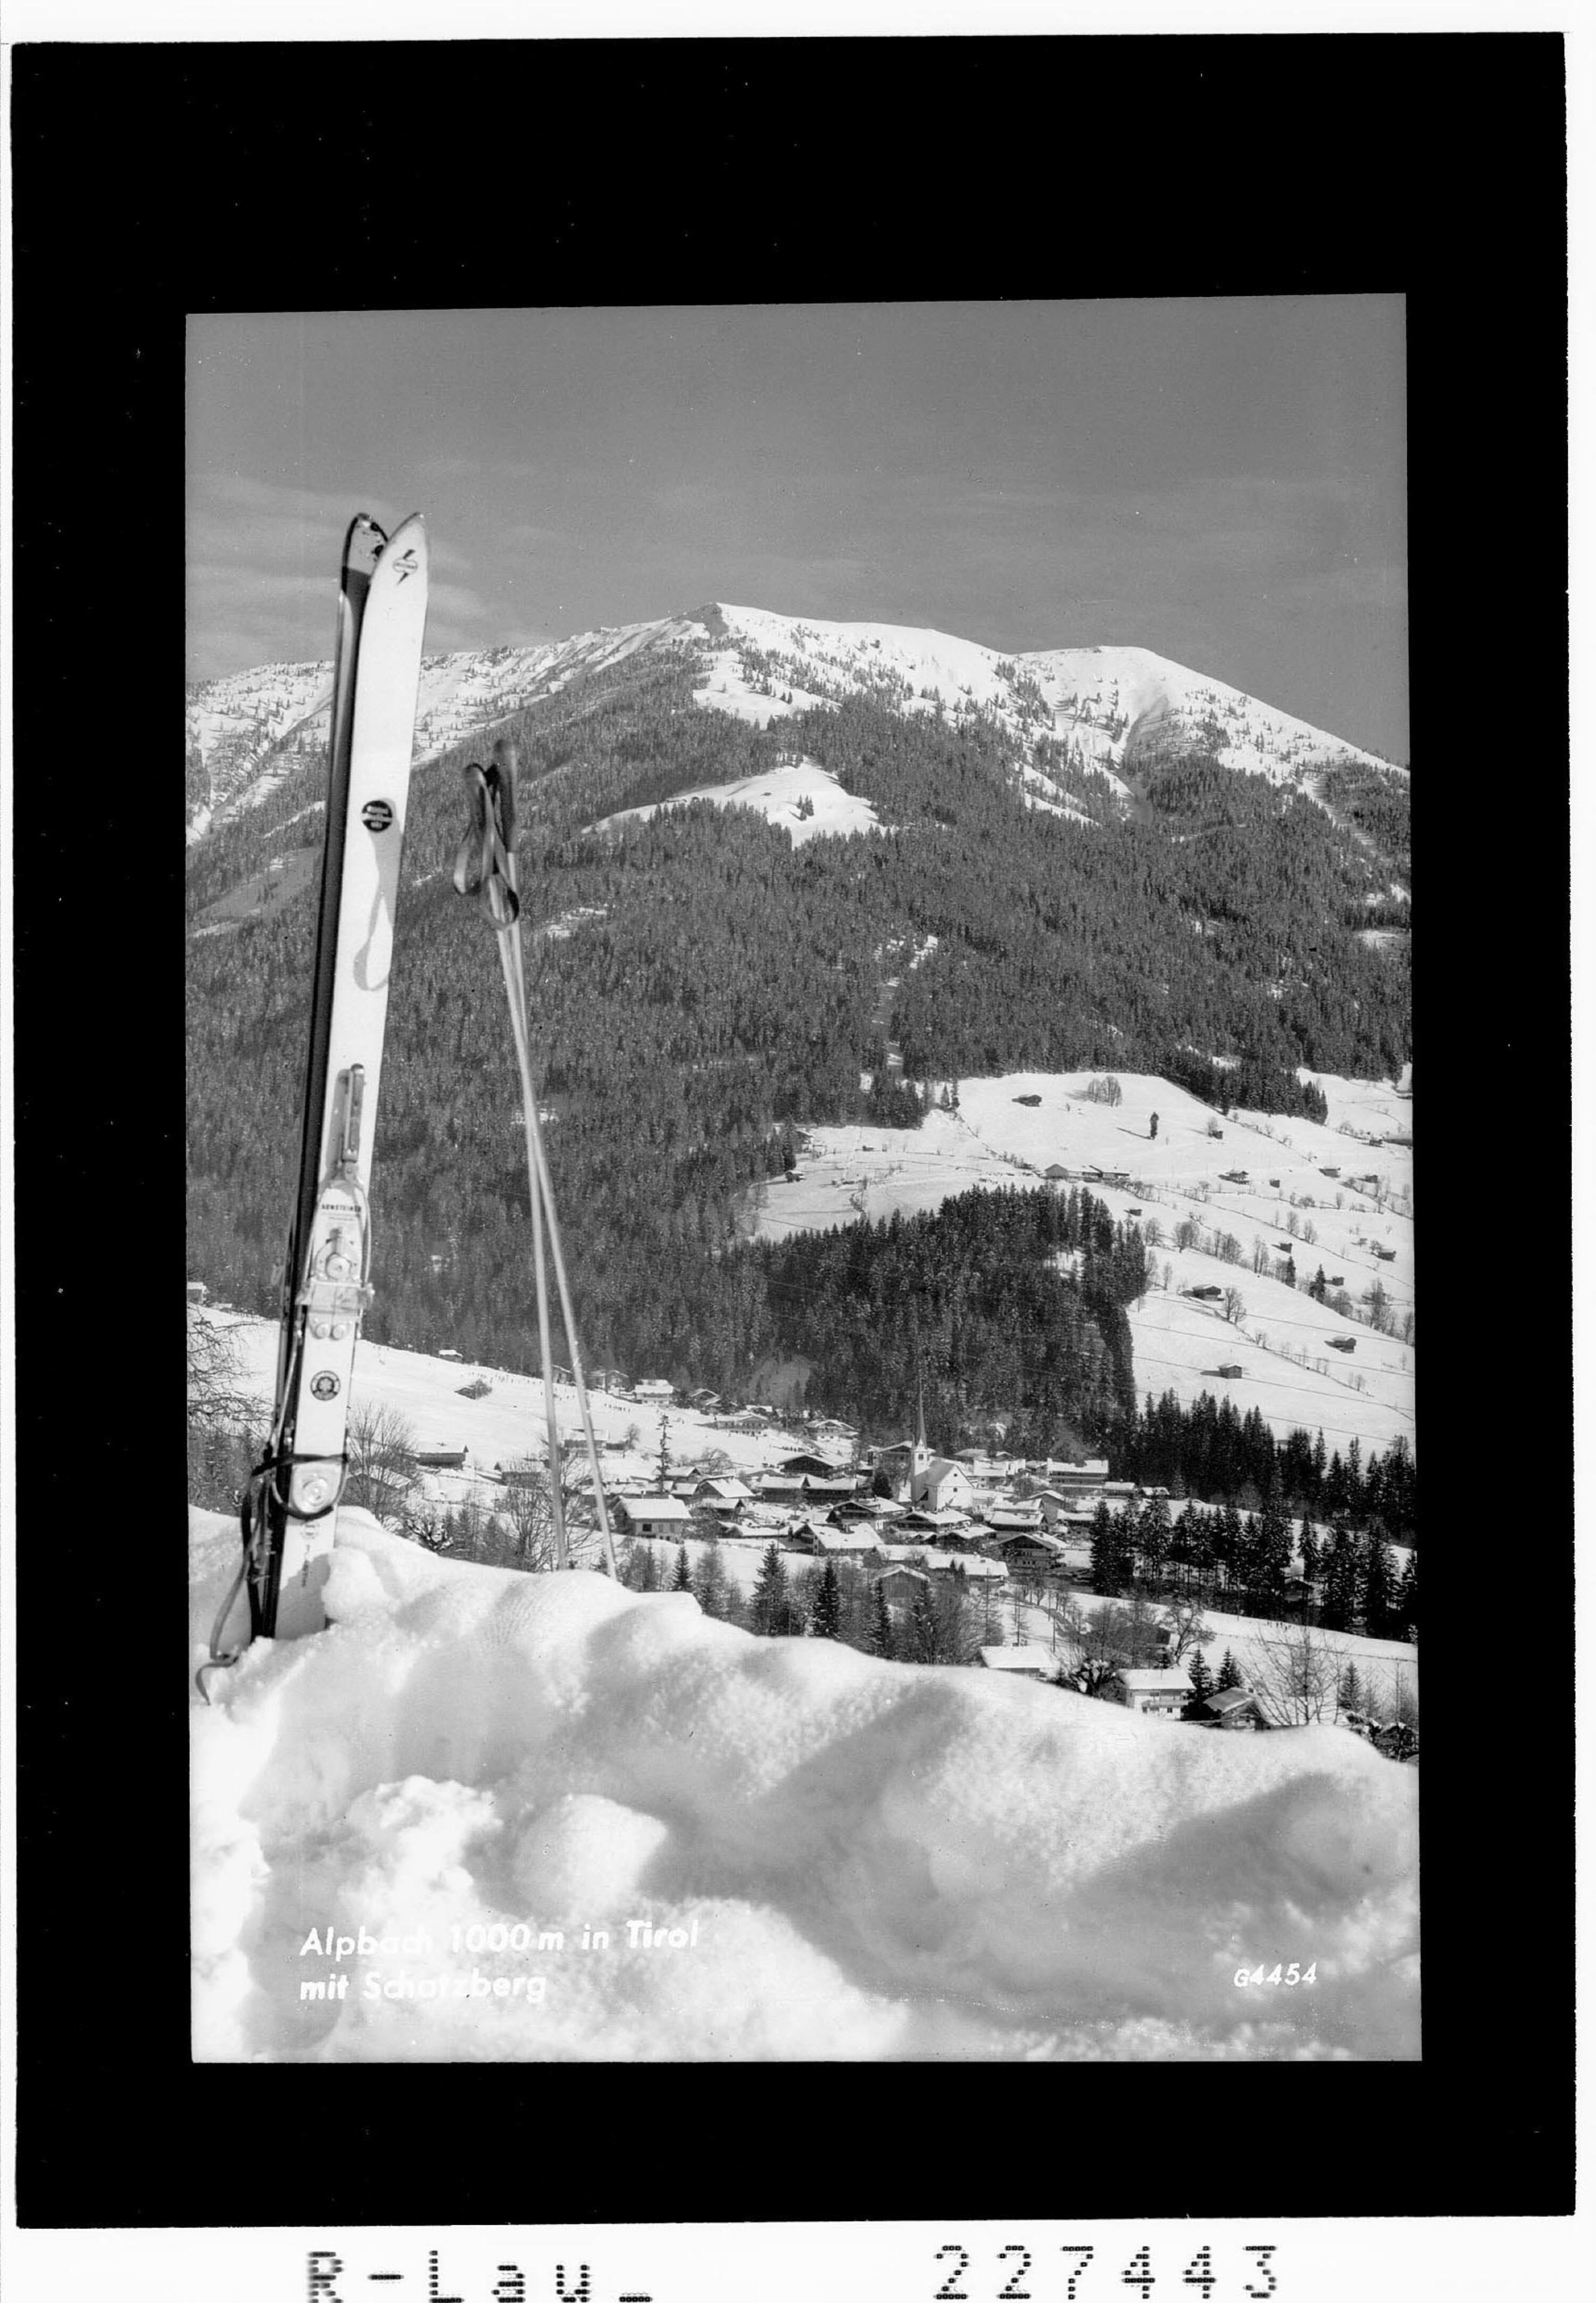 Alpbach 1000 m in Tirol mit Schatzberg